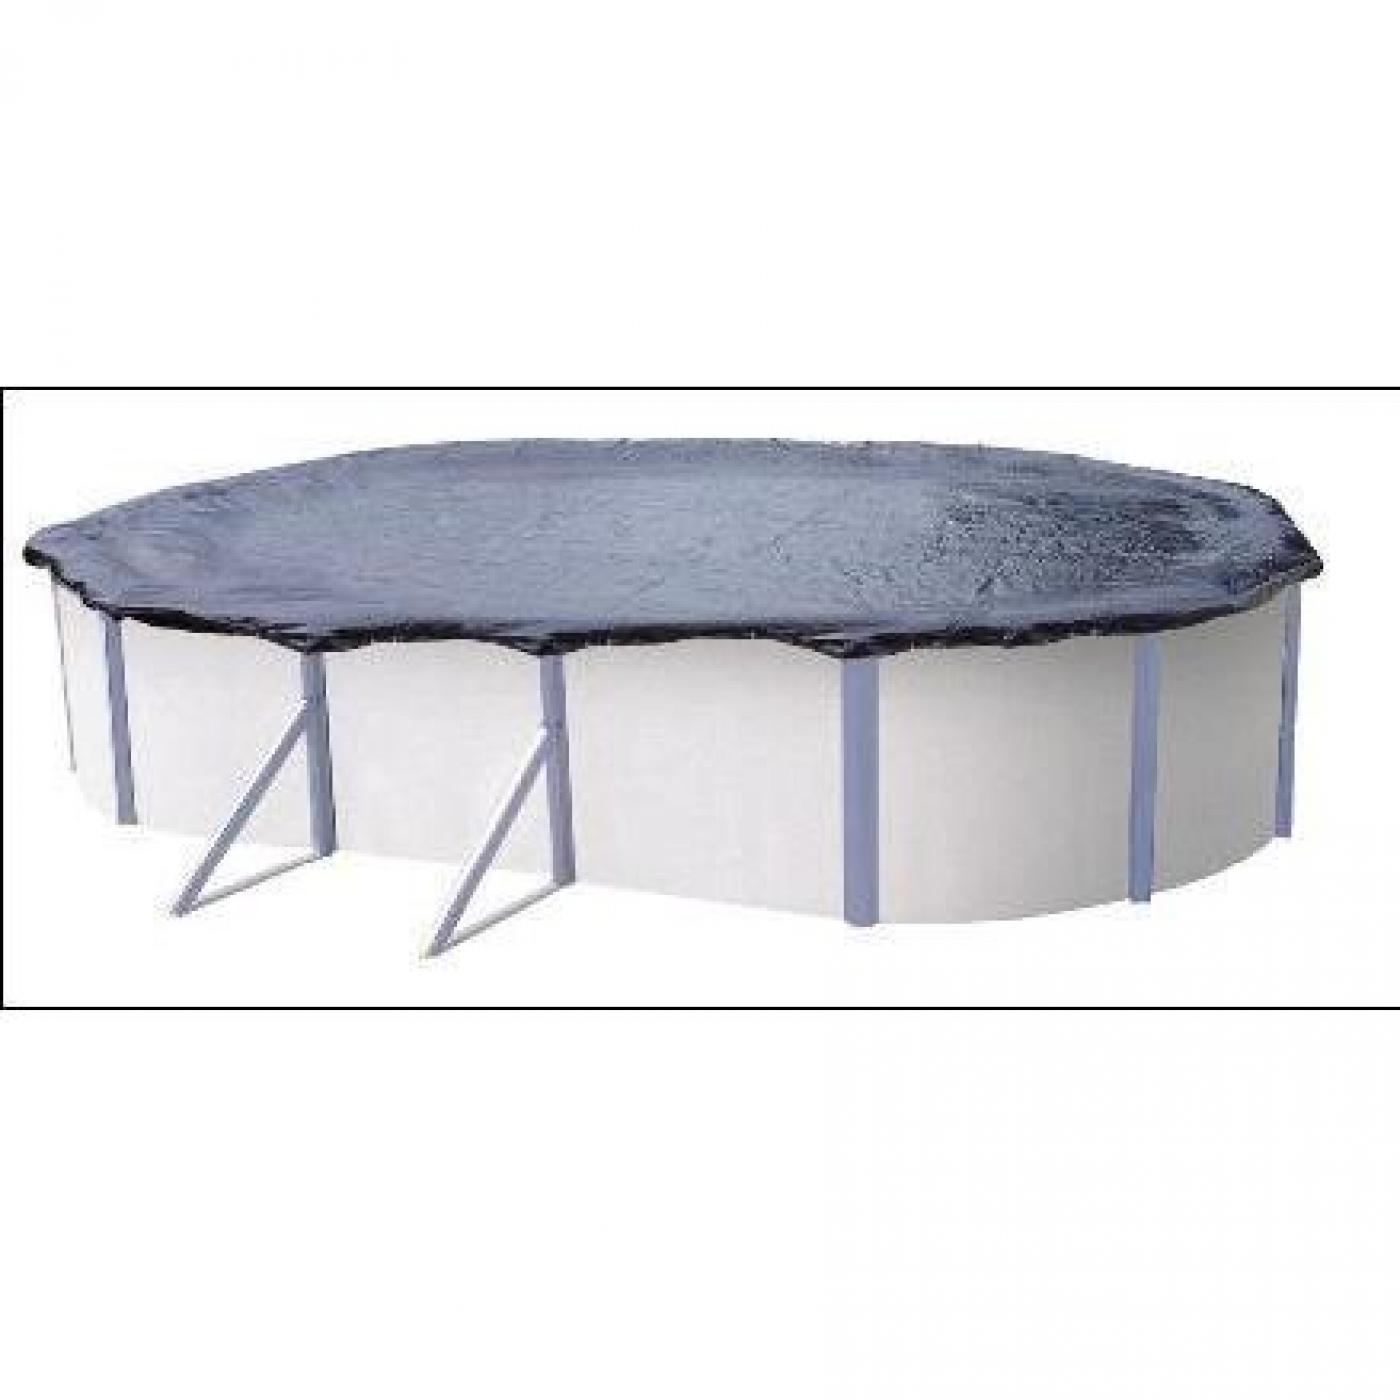 Cobertor de invierno ajustable para piscina de chapa for Piscinas de invierno